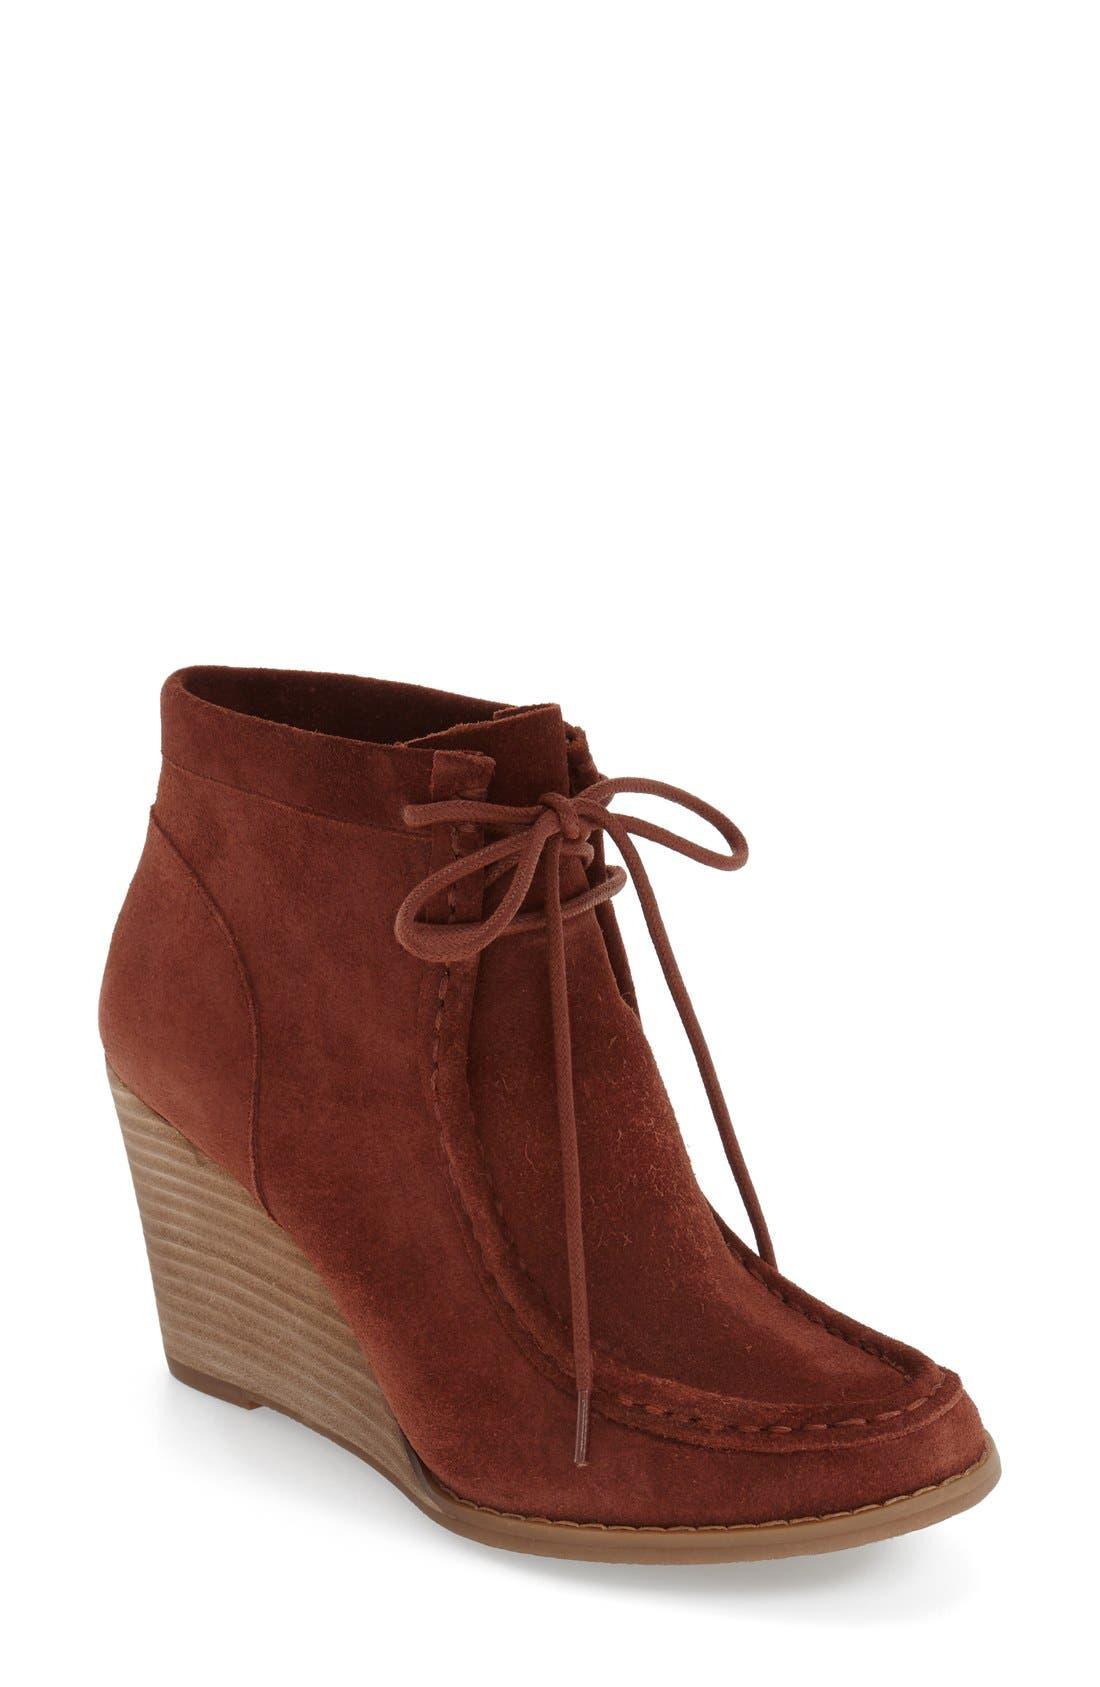 Main Image - Lucky Brand 'Ysabel' Wedge Chukka Boot (Women)